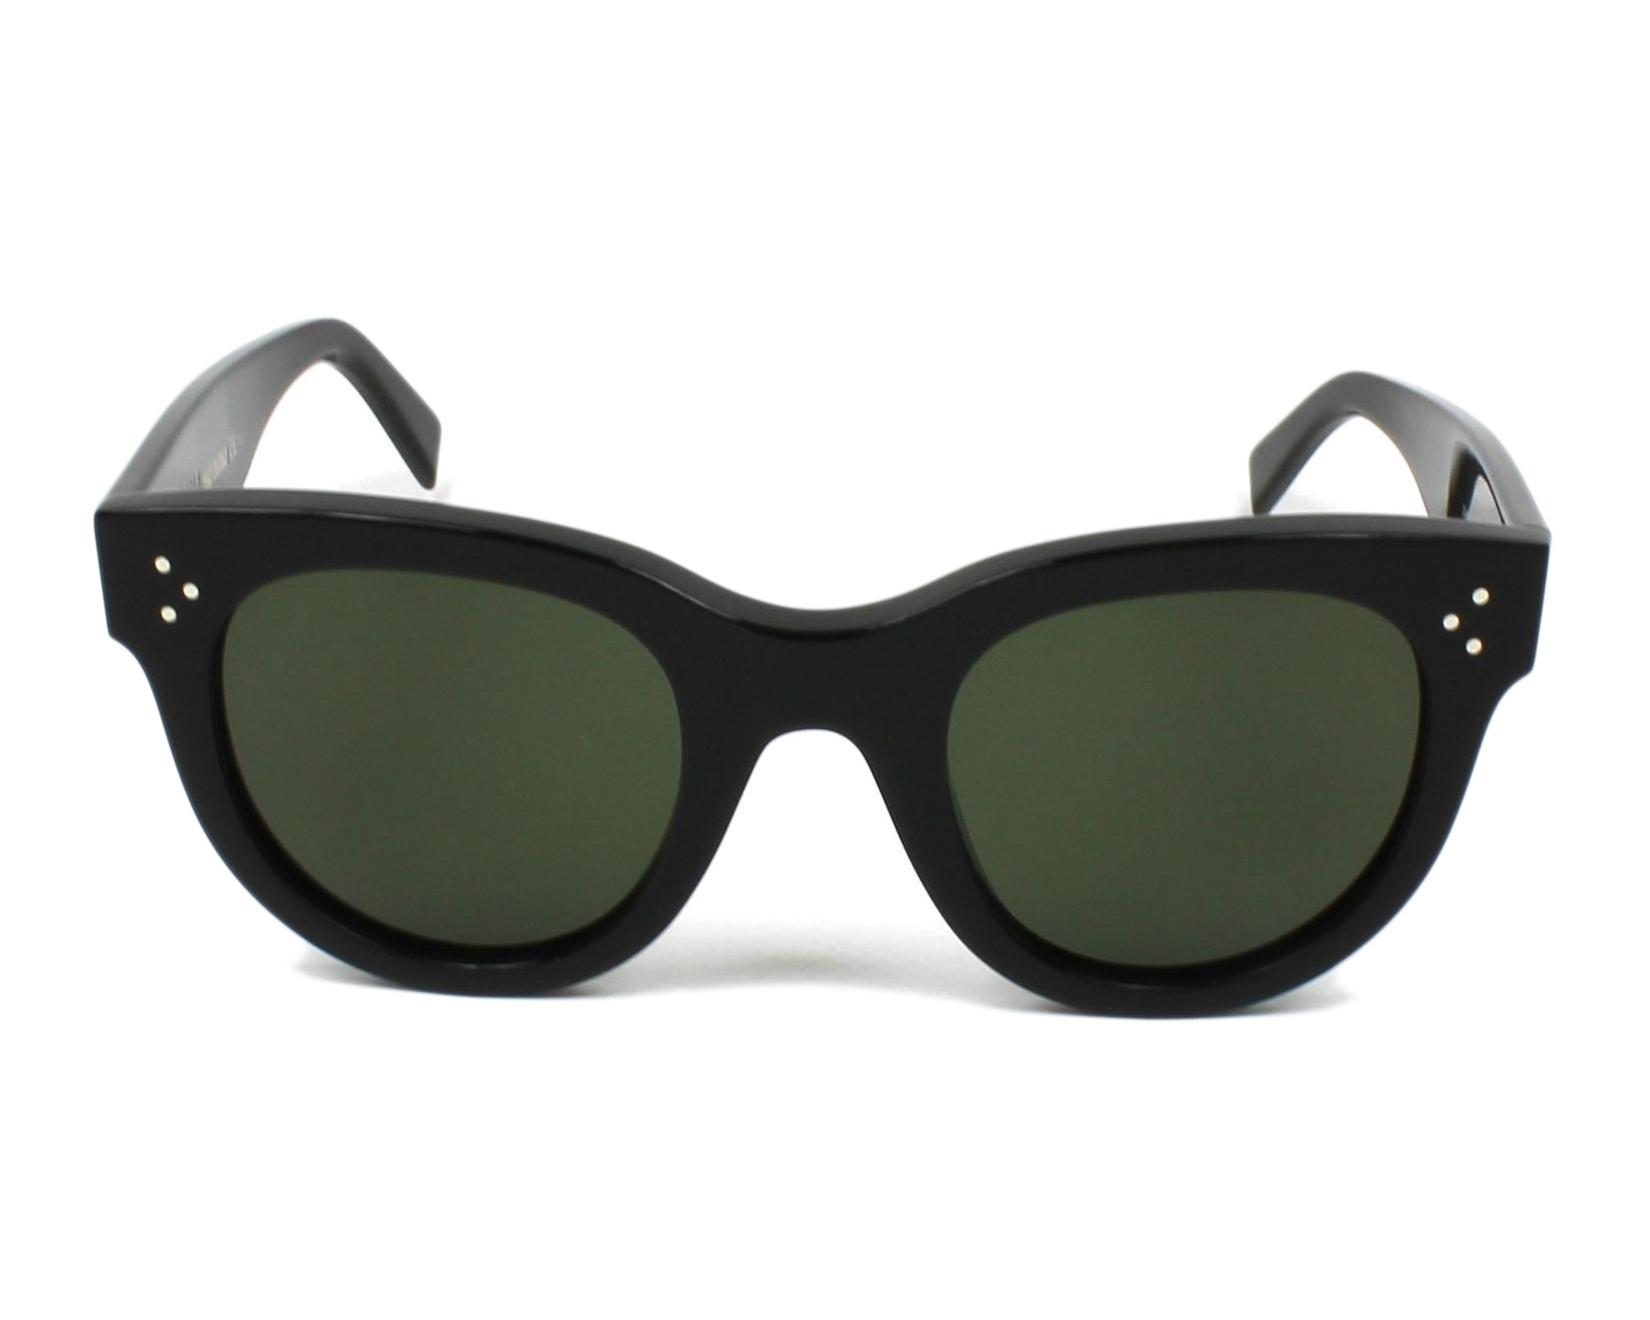 5ff1041ae56 thumbnail Sunglasses Céline CL-41053-S 807 1E - Black front view